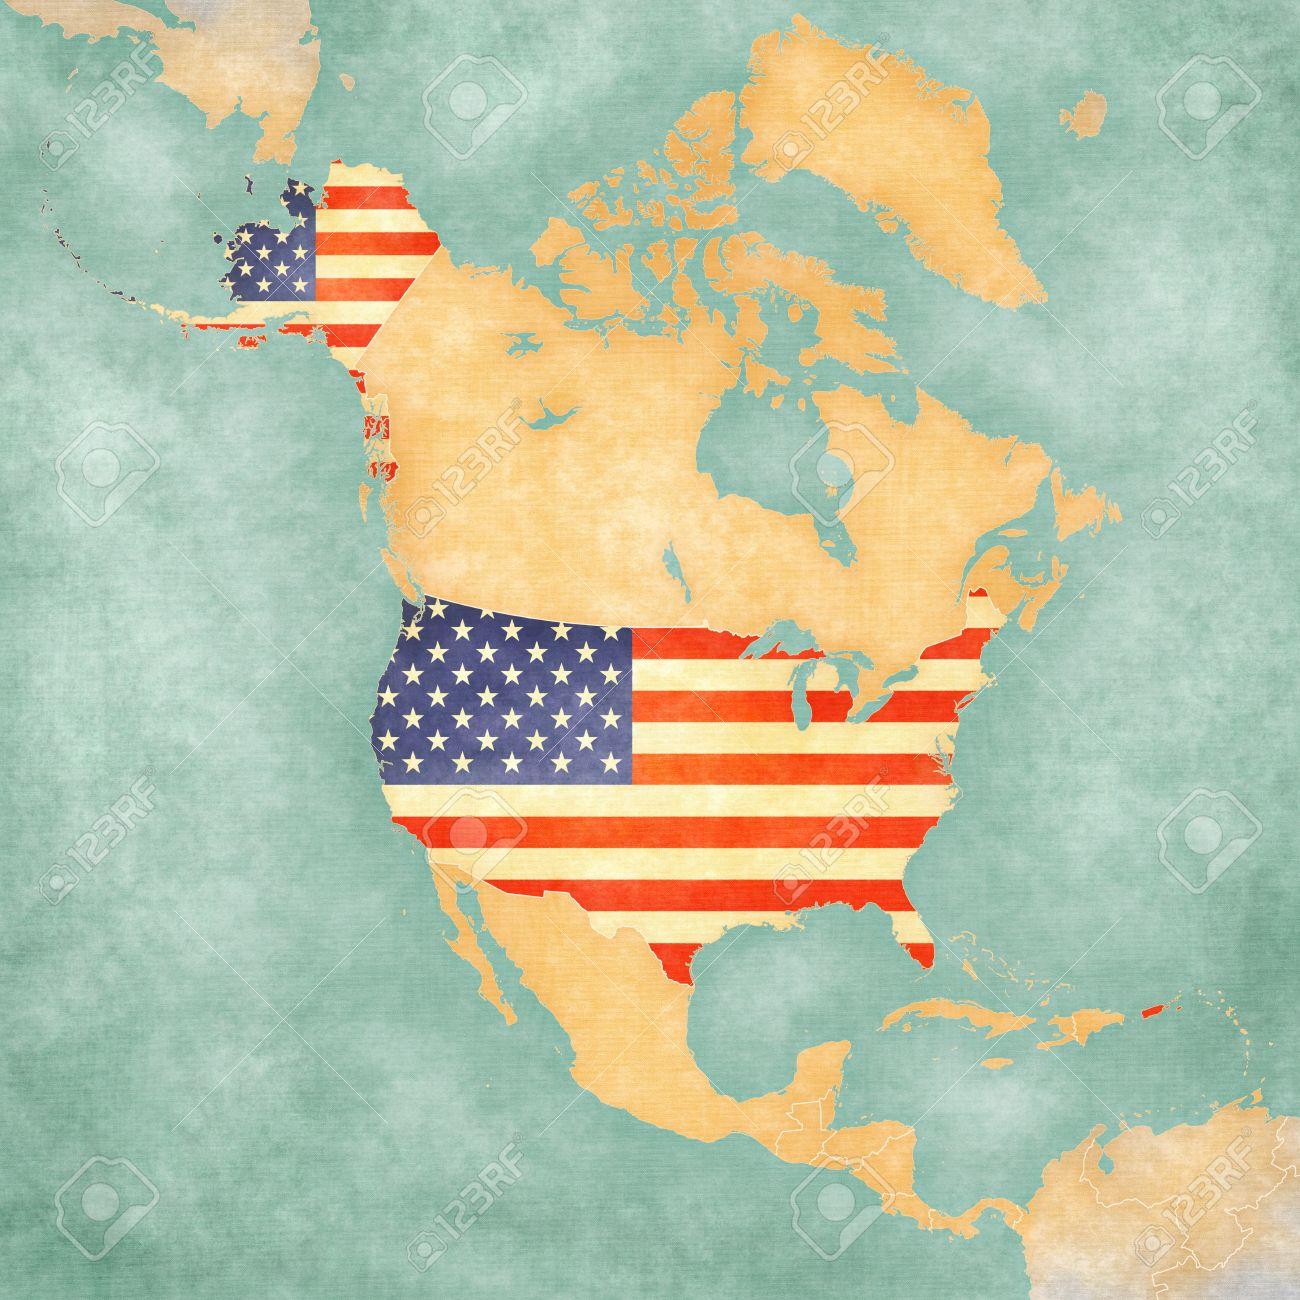 Usa Cartina Muta.Immagini Stock Stati Uniti D America Bandiera Americana Sulla Cartina Muta Del Nord America La Mappa E In Stile Estivo D Epoca E L Umore Di Sole La Mappa Ha Un Grunge Morbido E